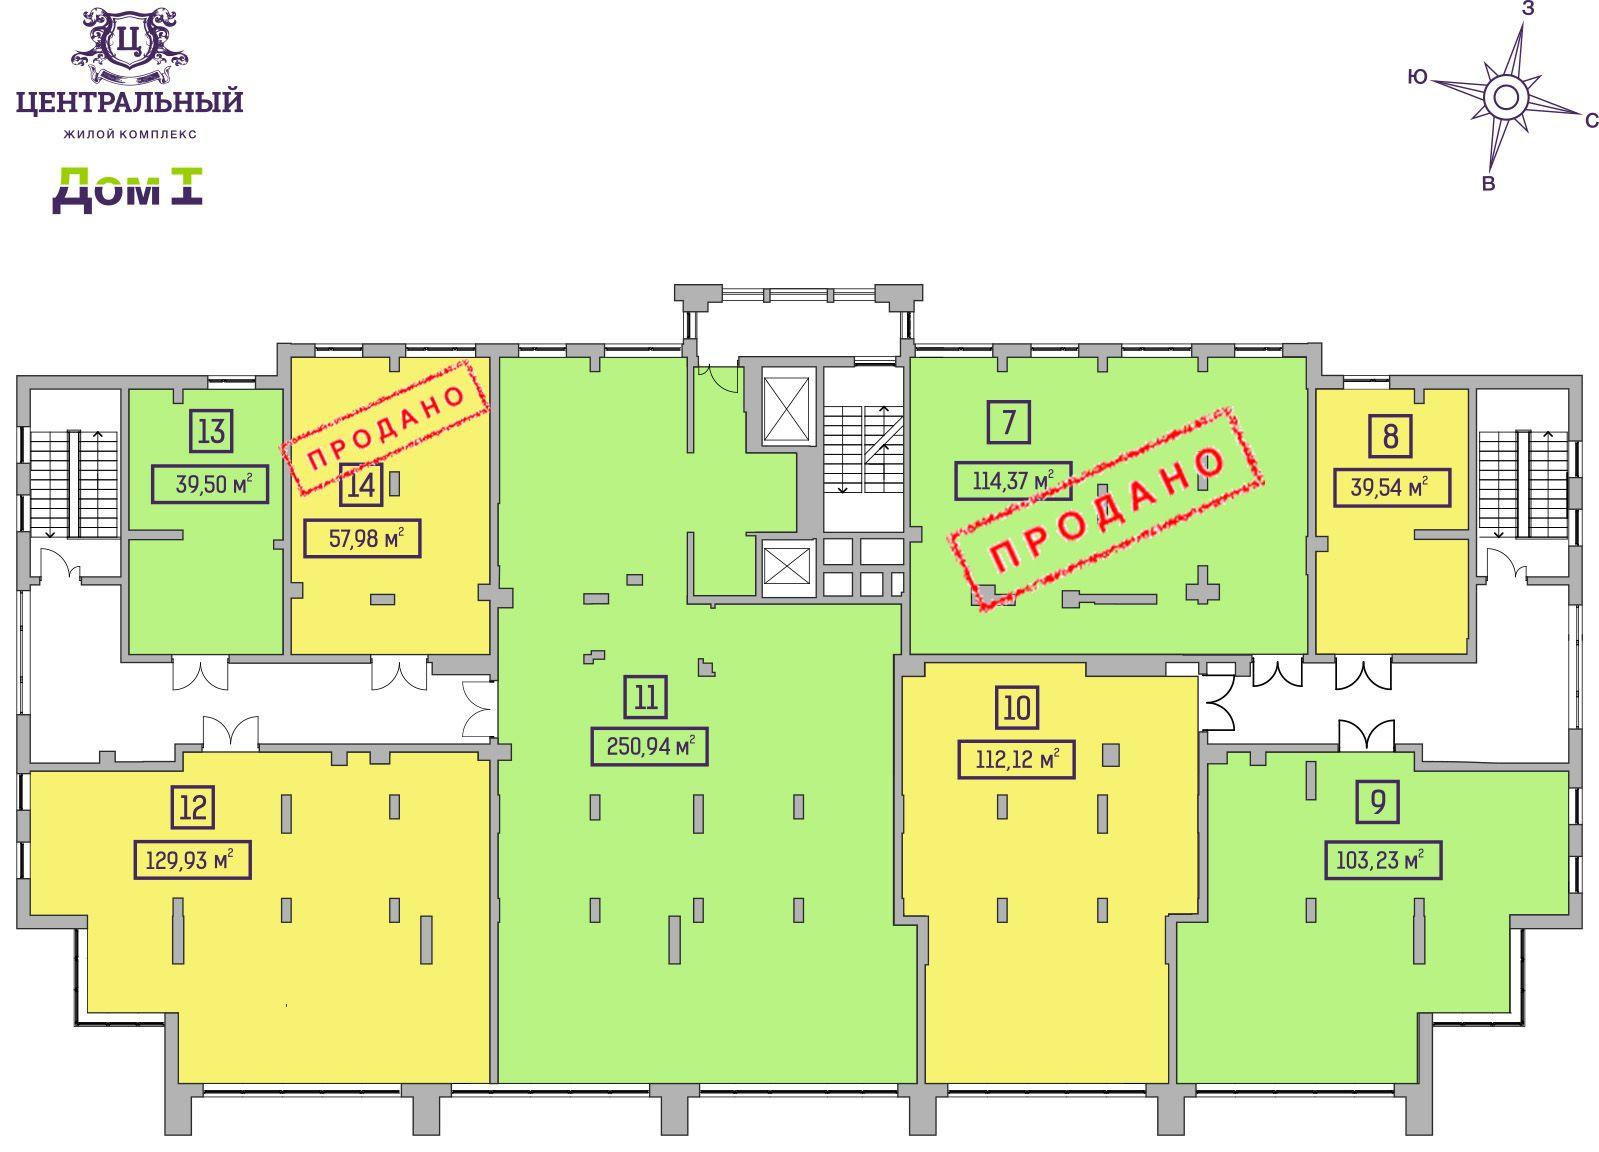 Дом 1. Коммерческая недвижимость 2 этаж